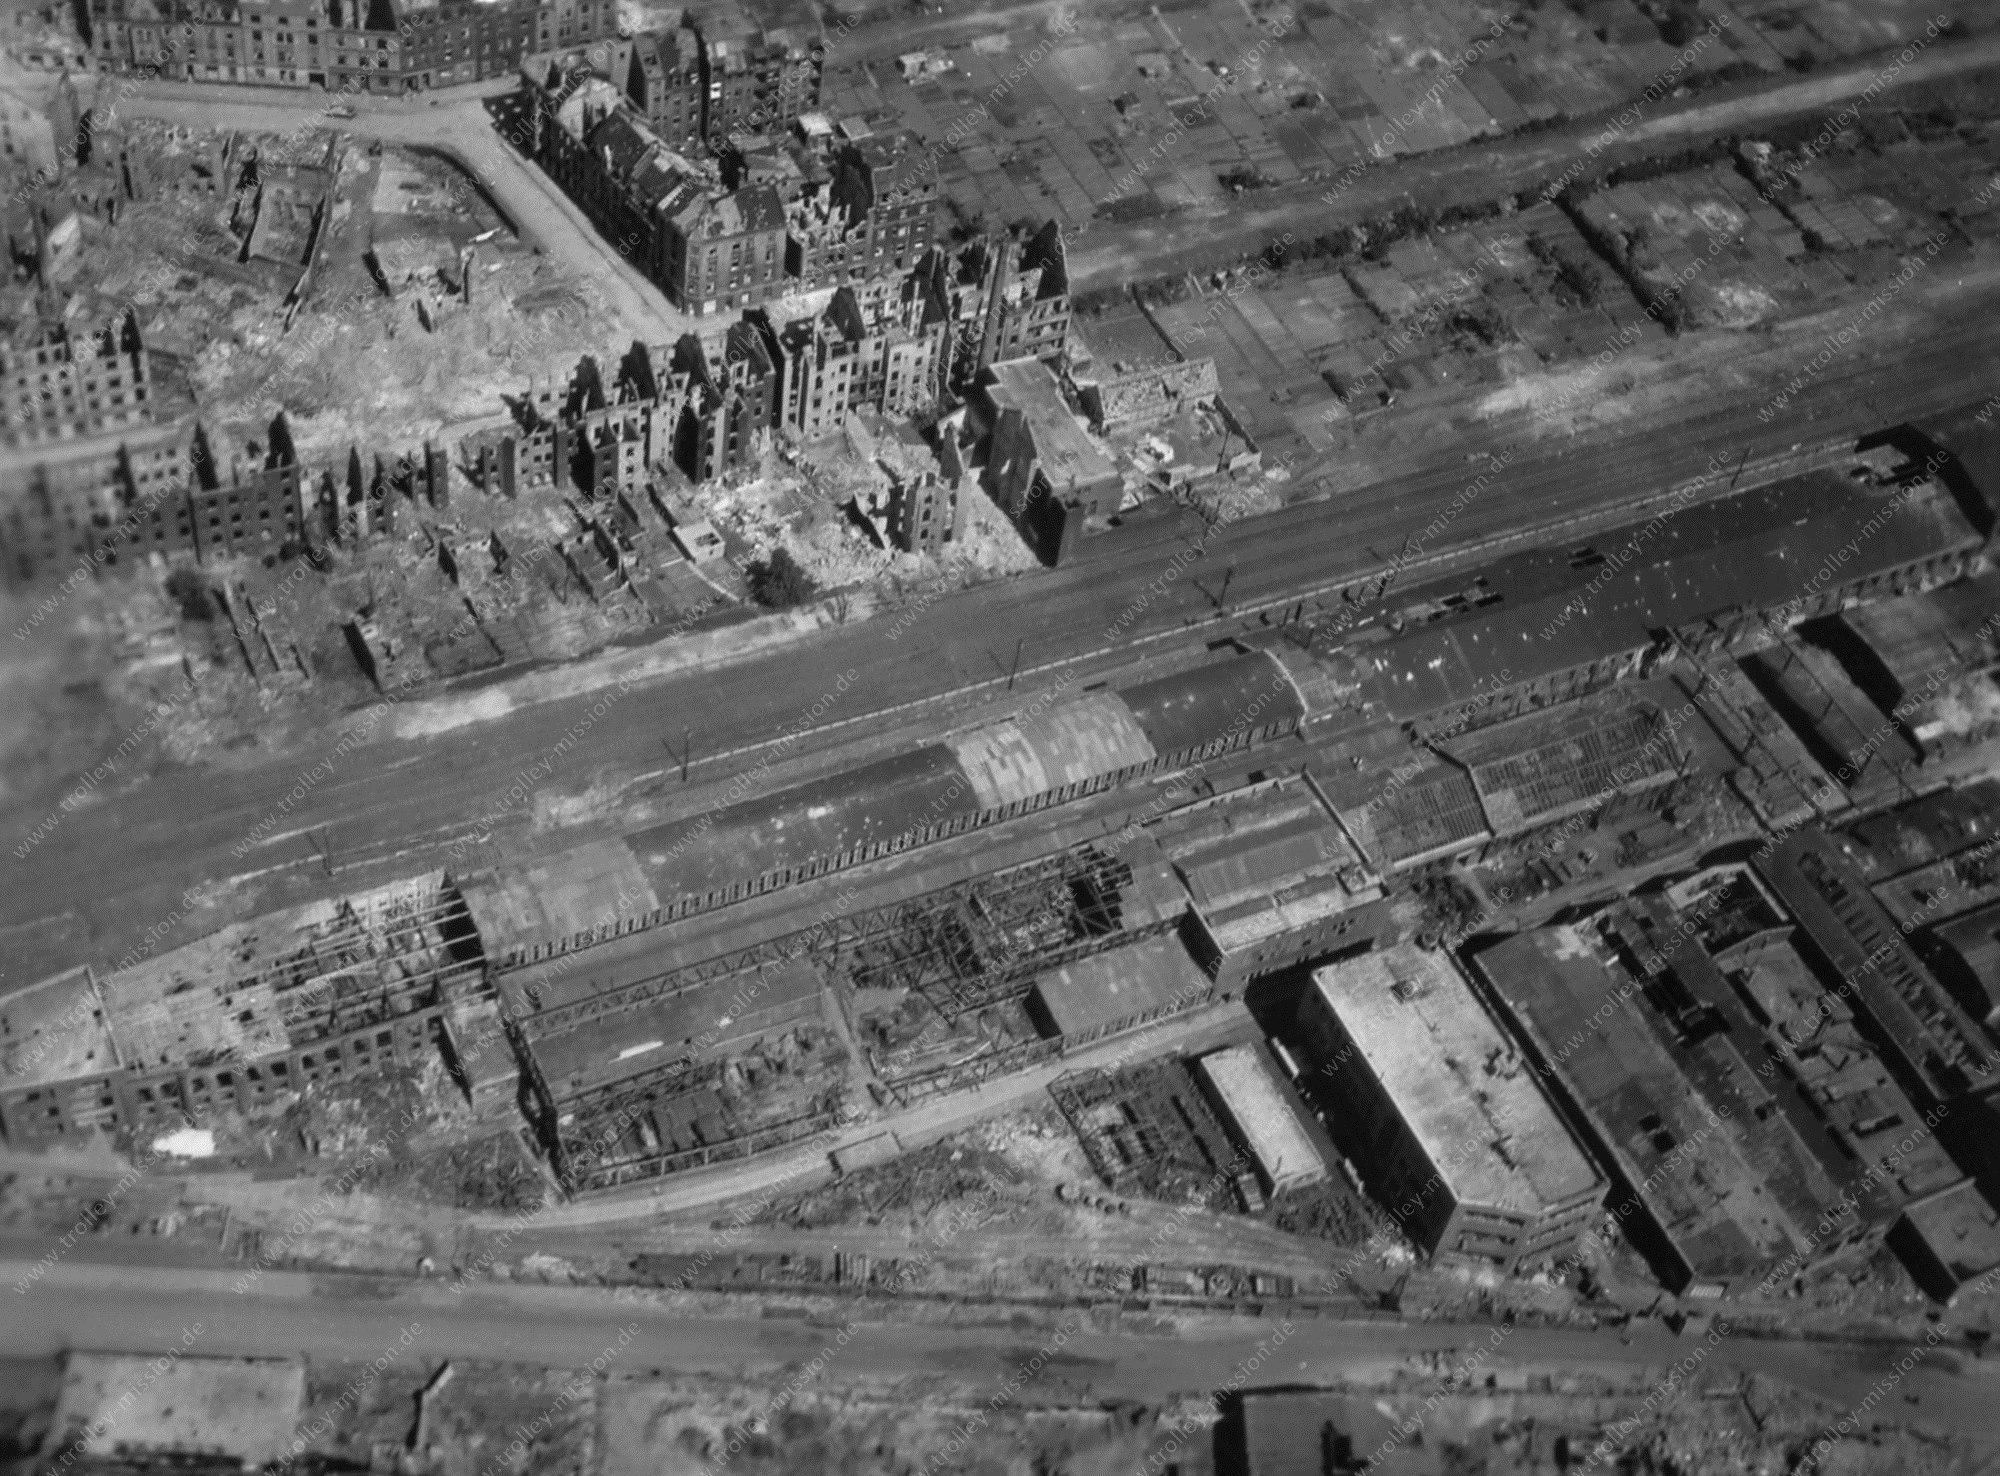 Dortmund Weißenburger Straße sowie Osterlandwehr - Luftbild aus dem Mai 1945